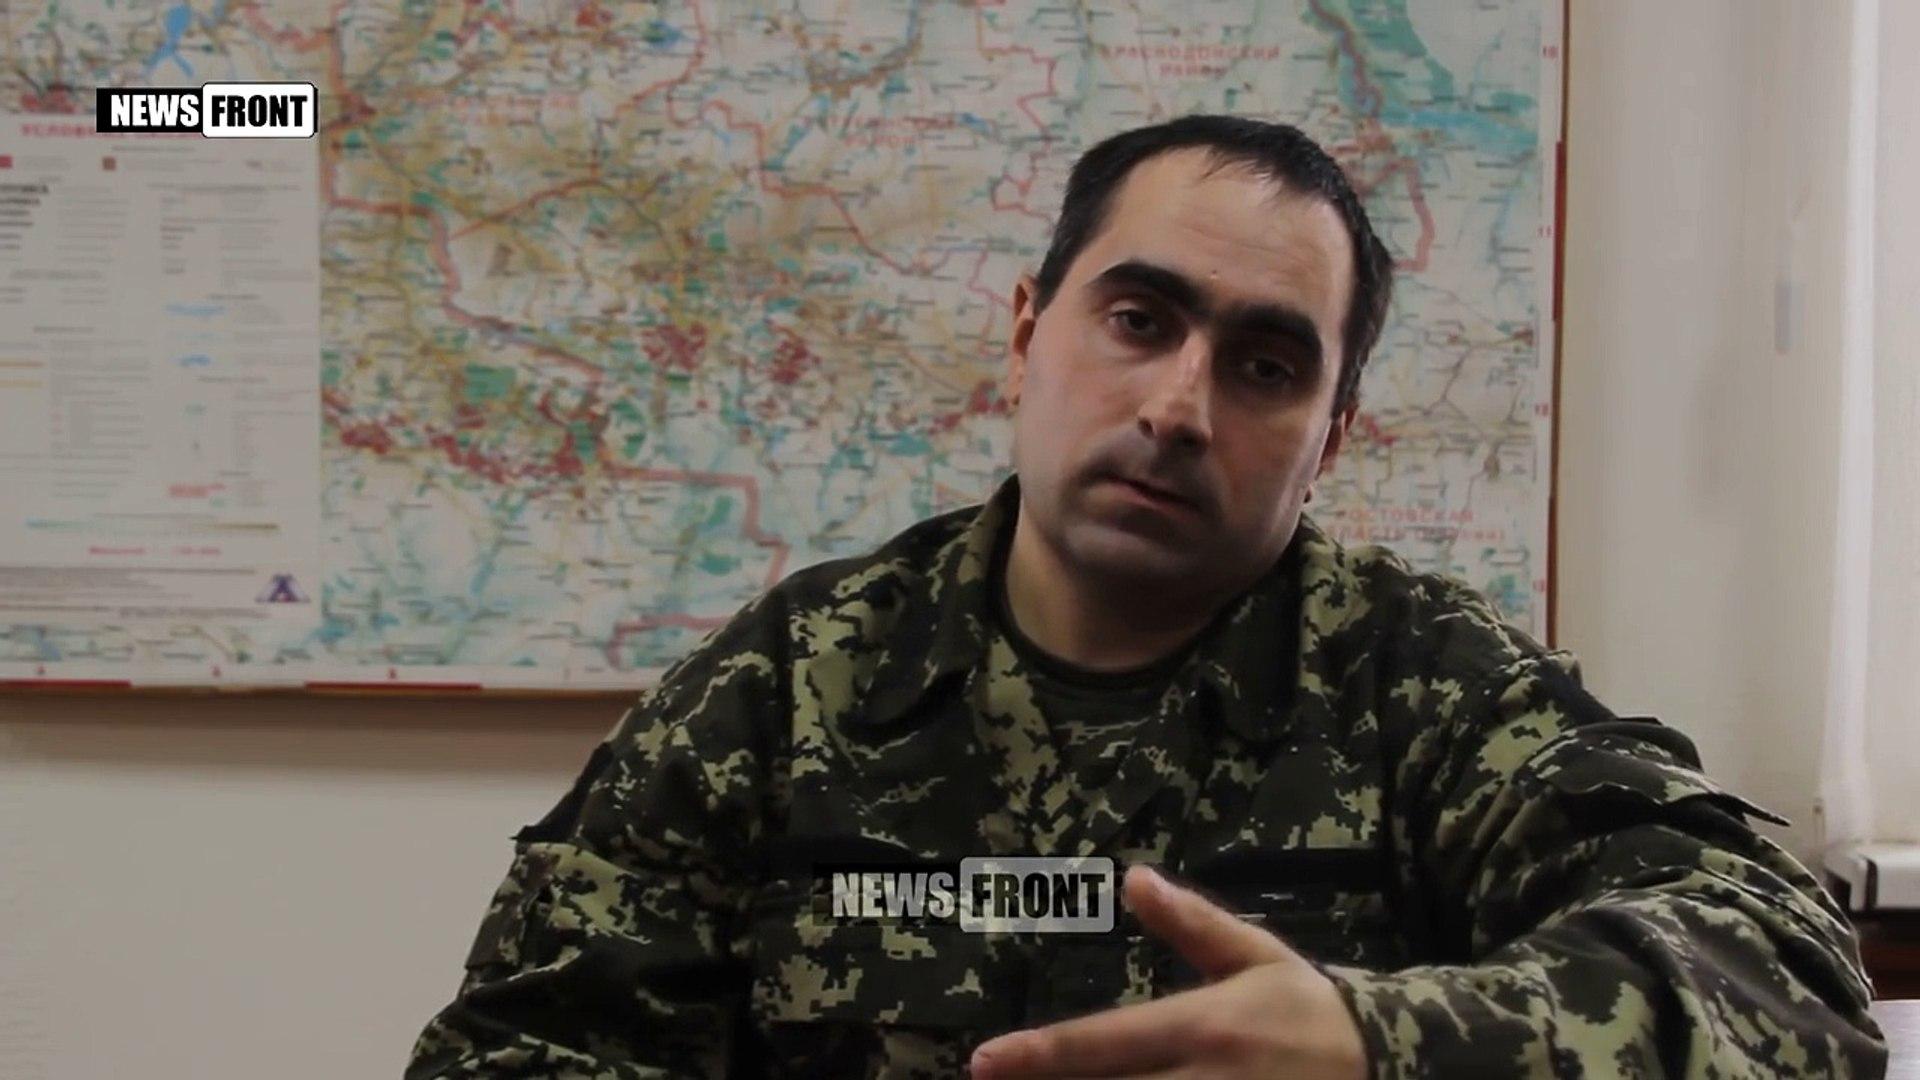 ВСУ сейчас ни наступать, ни отступать не в состоянии, - украинский боец в интервью News Front